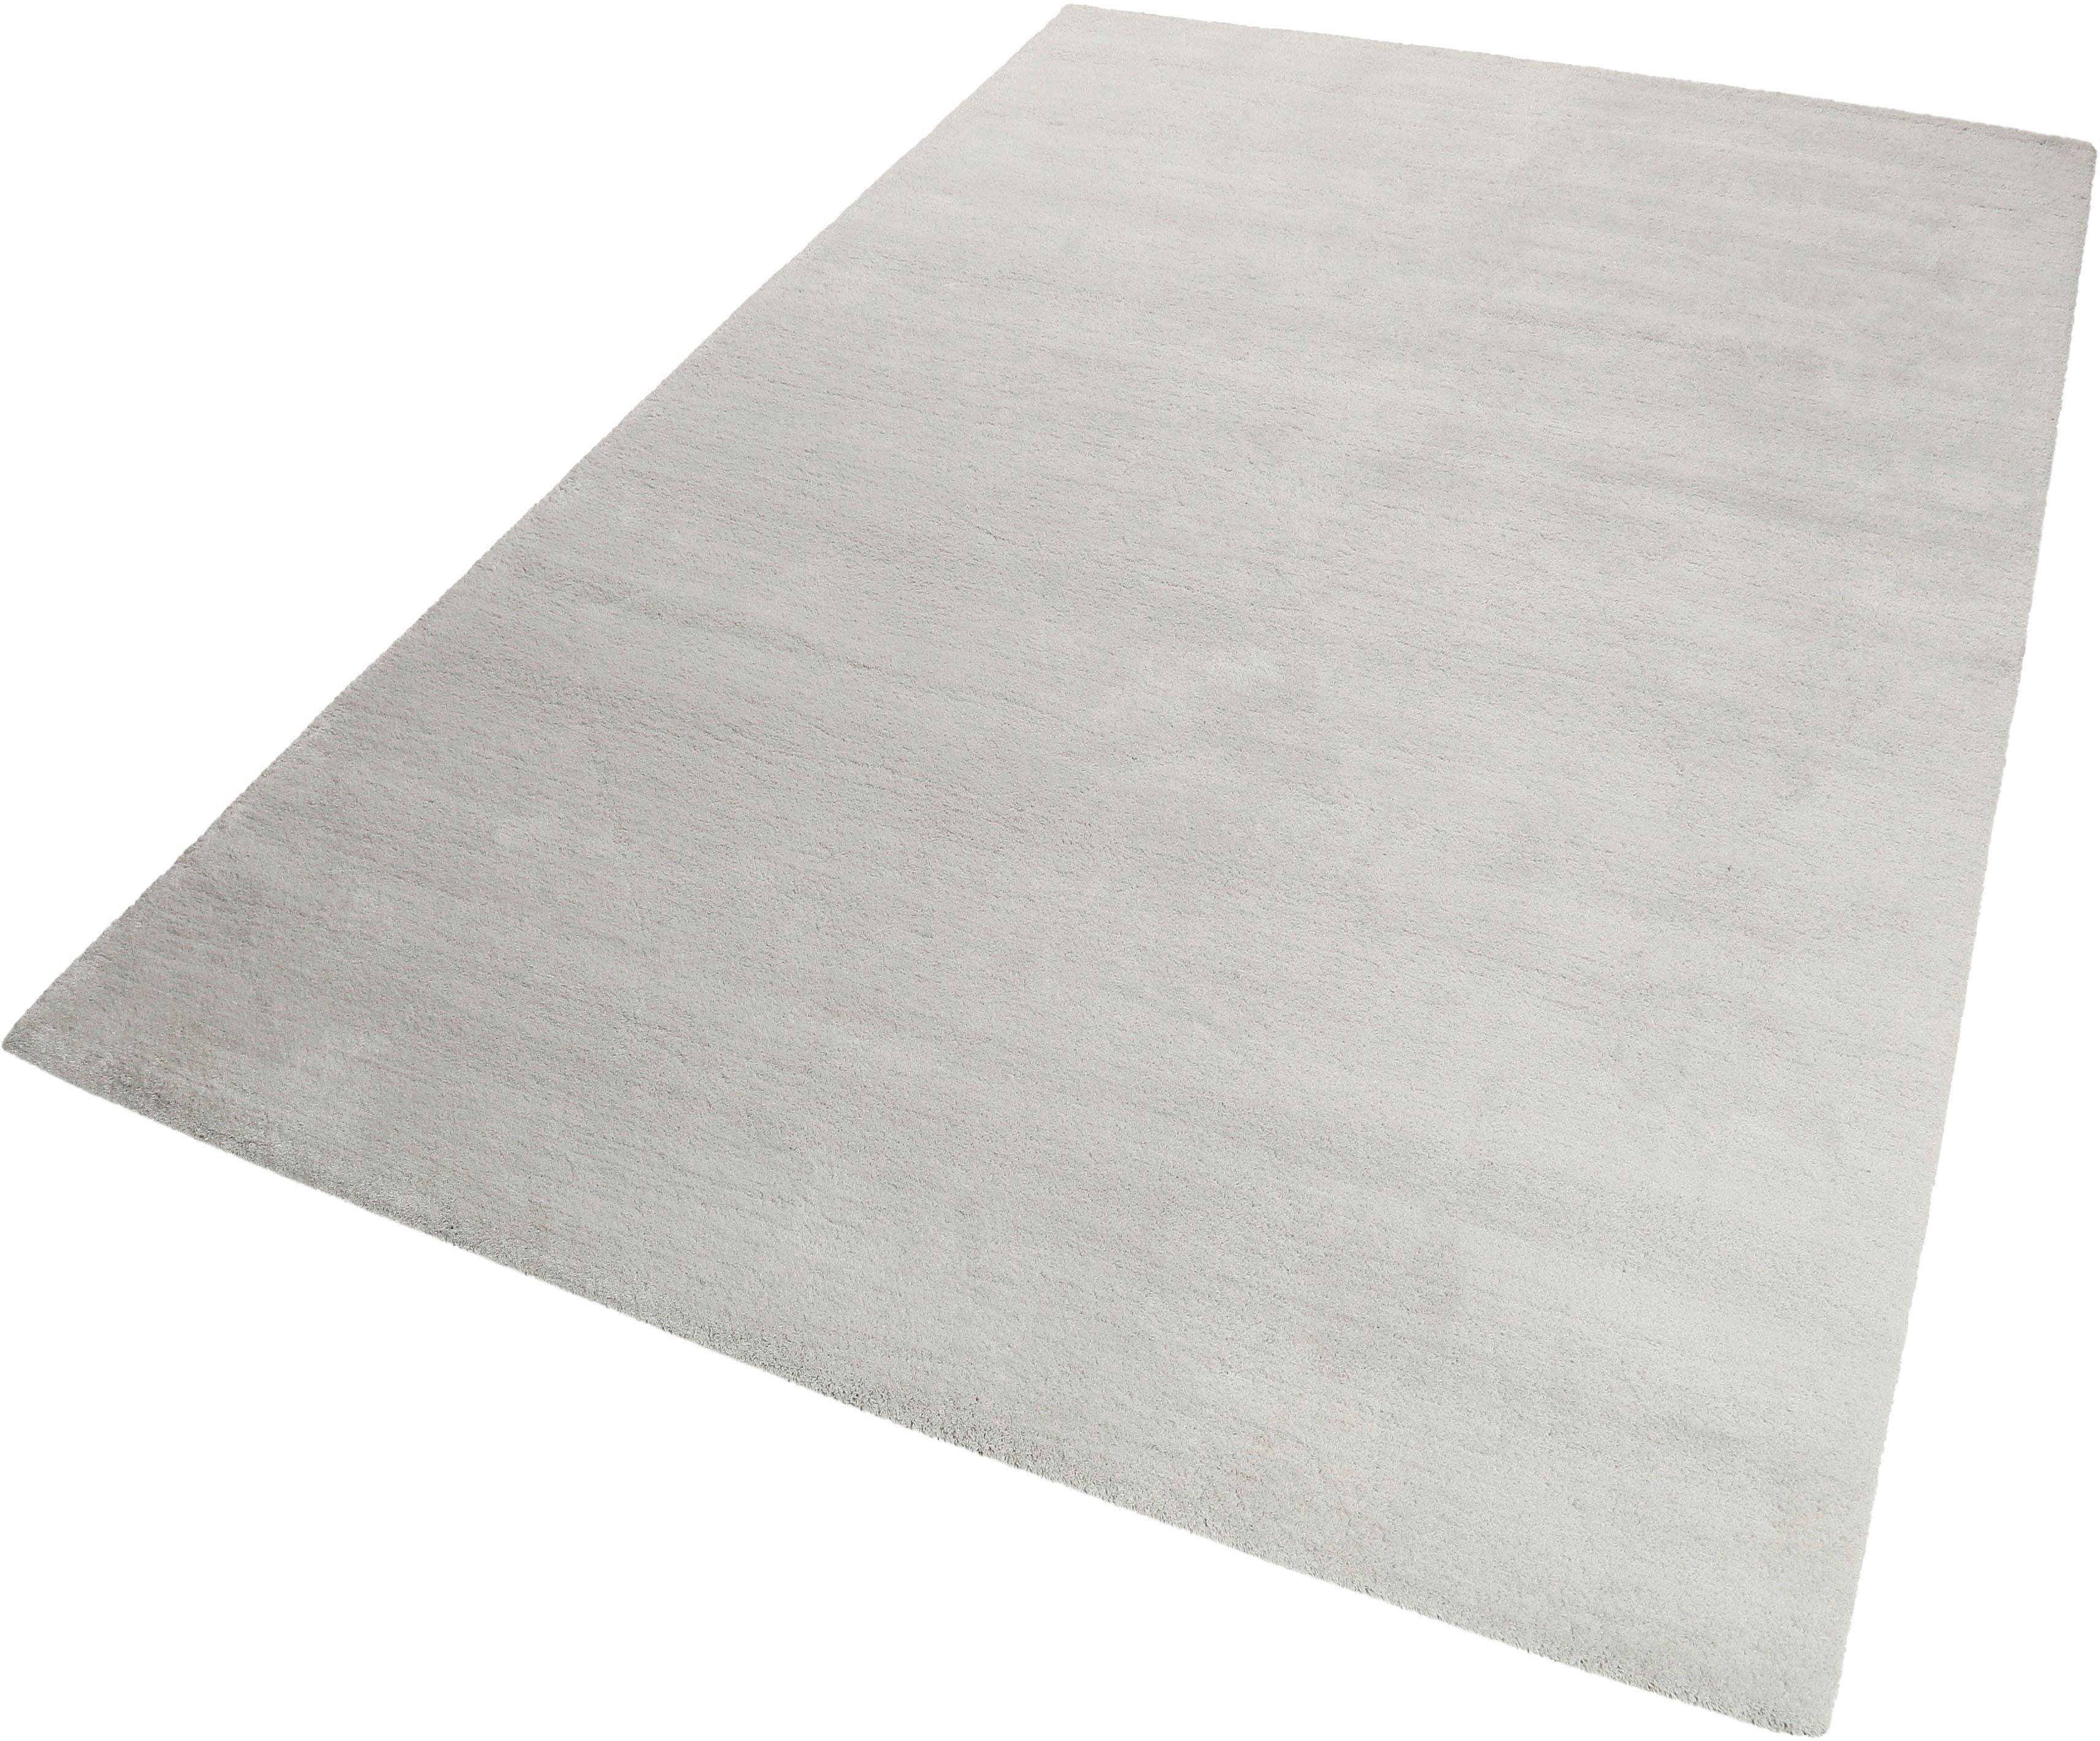 ESPRIT Vloerkleed, »#Loft«, rechthoekig, hoogte 20 mm, handgetuft - verschillende betaalmethodes